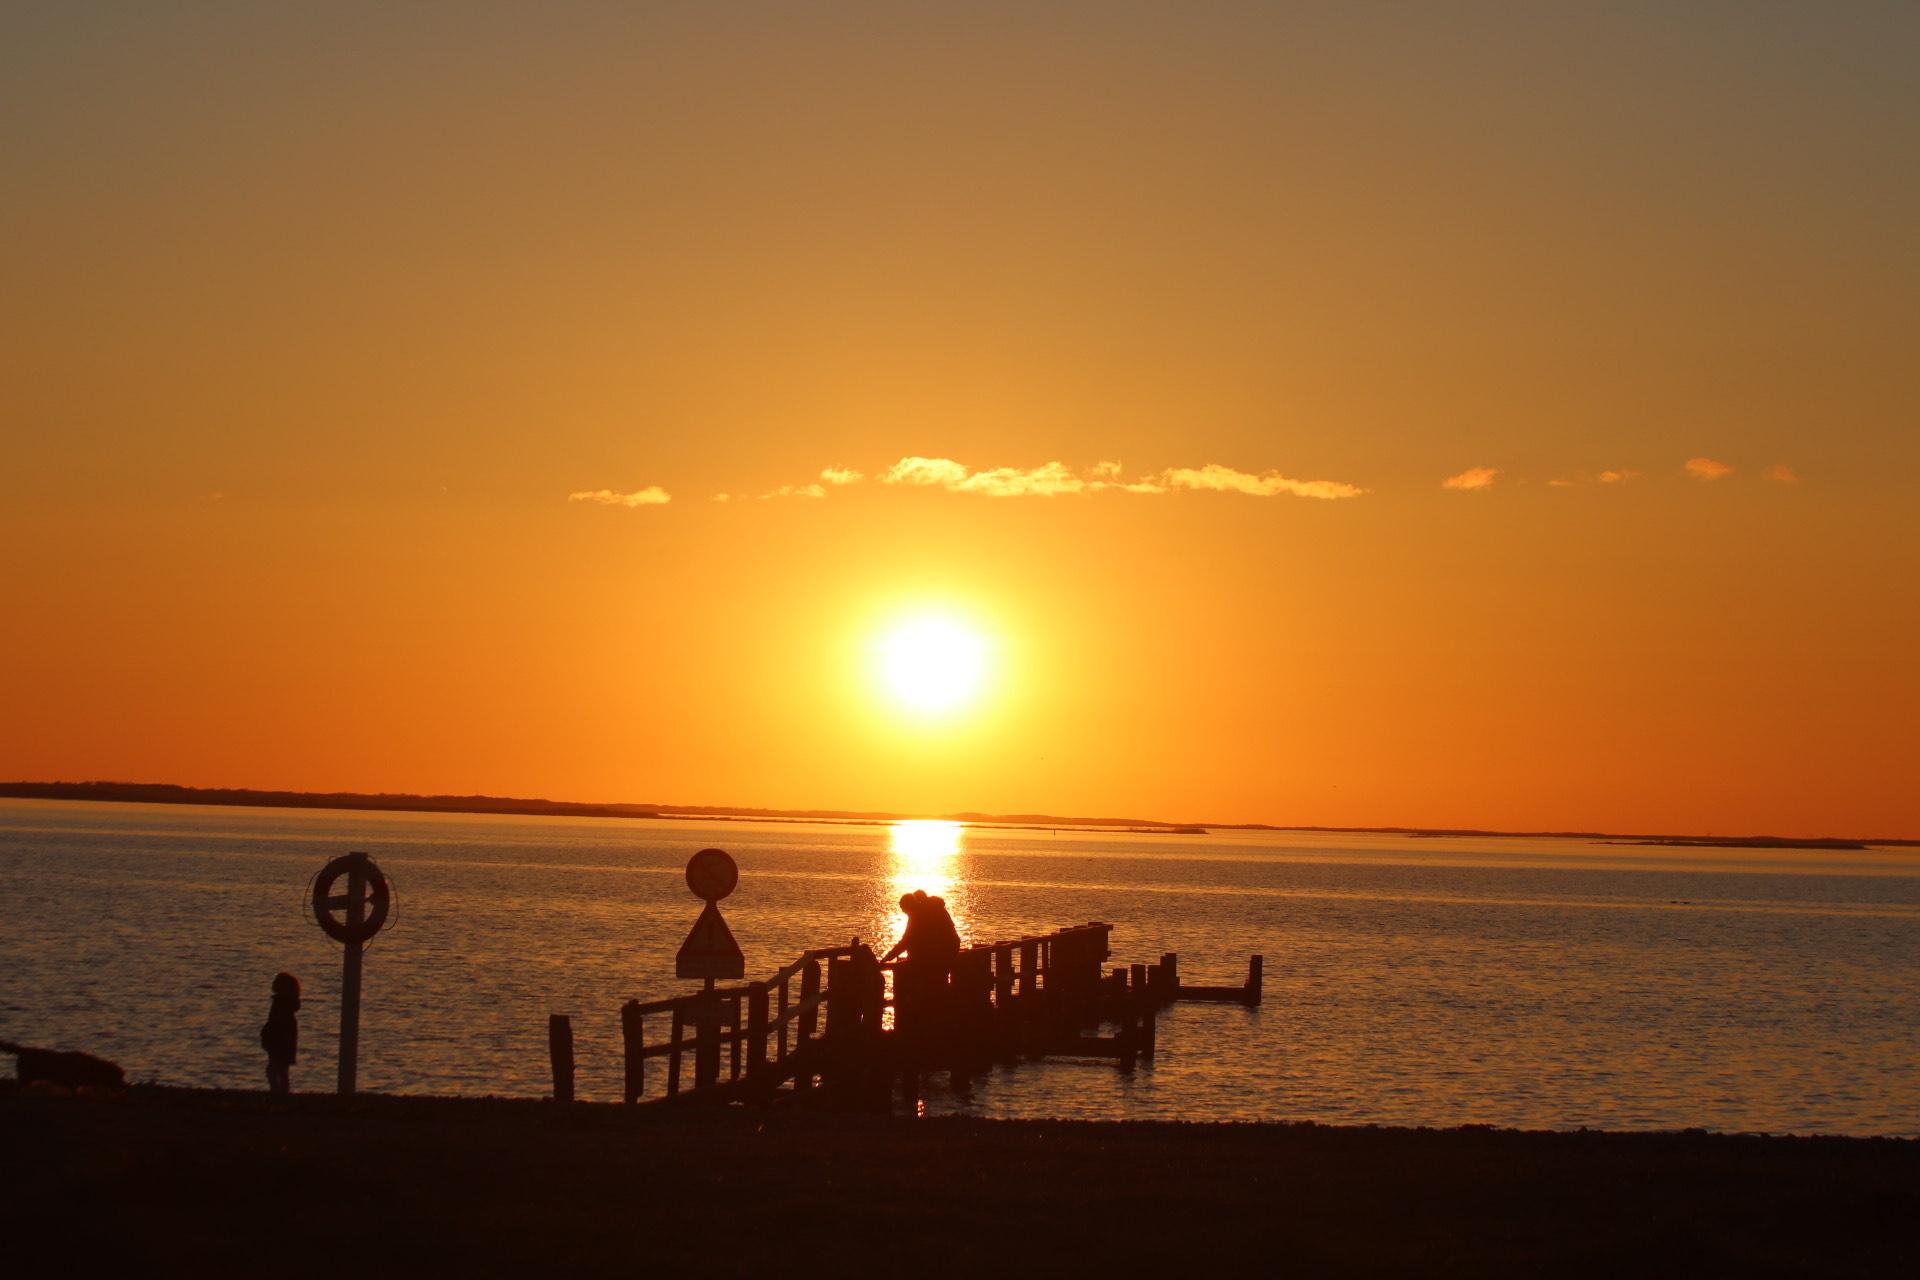 Solnedgang ved Assens - Sydfyn